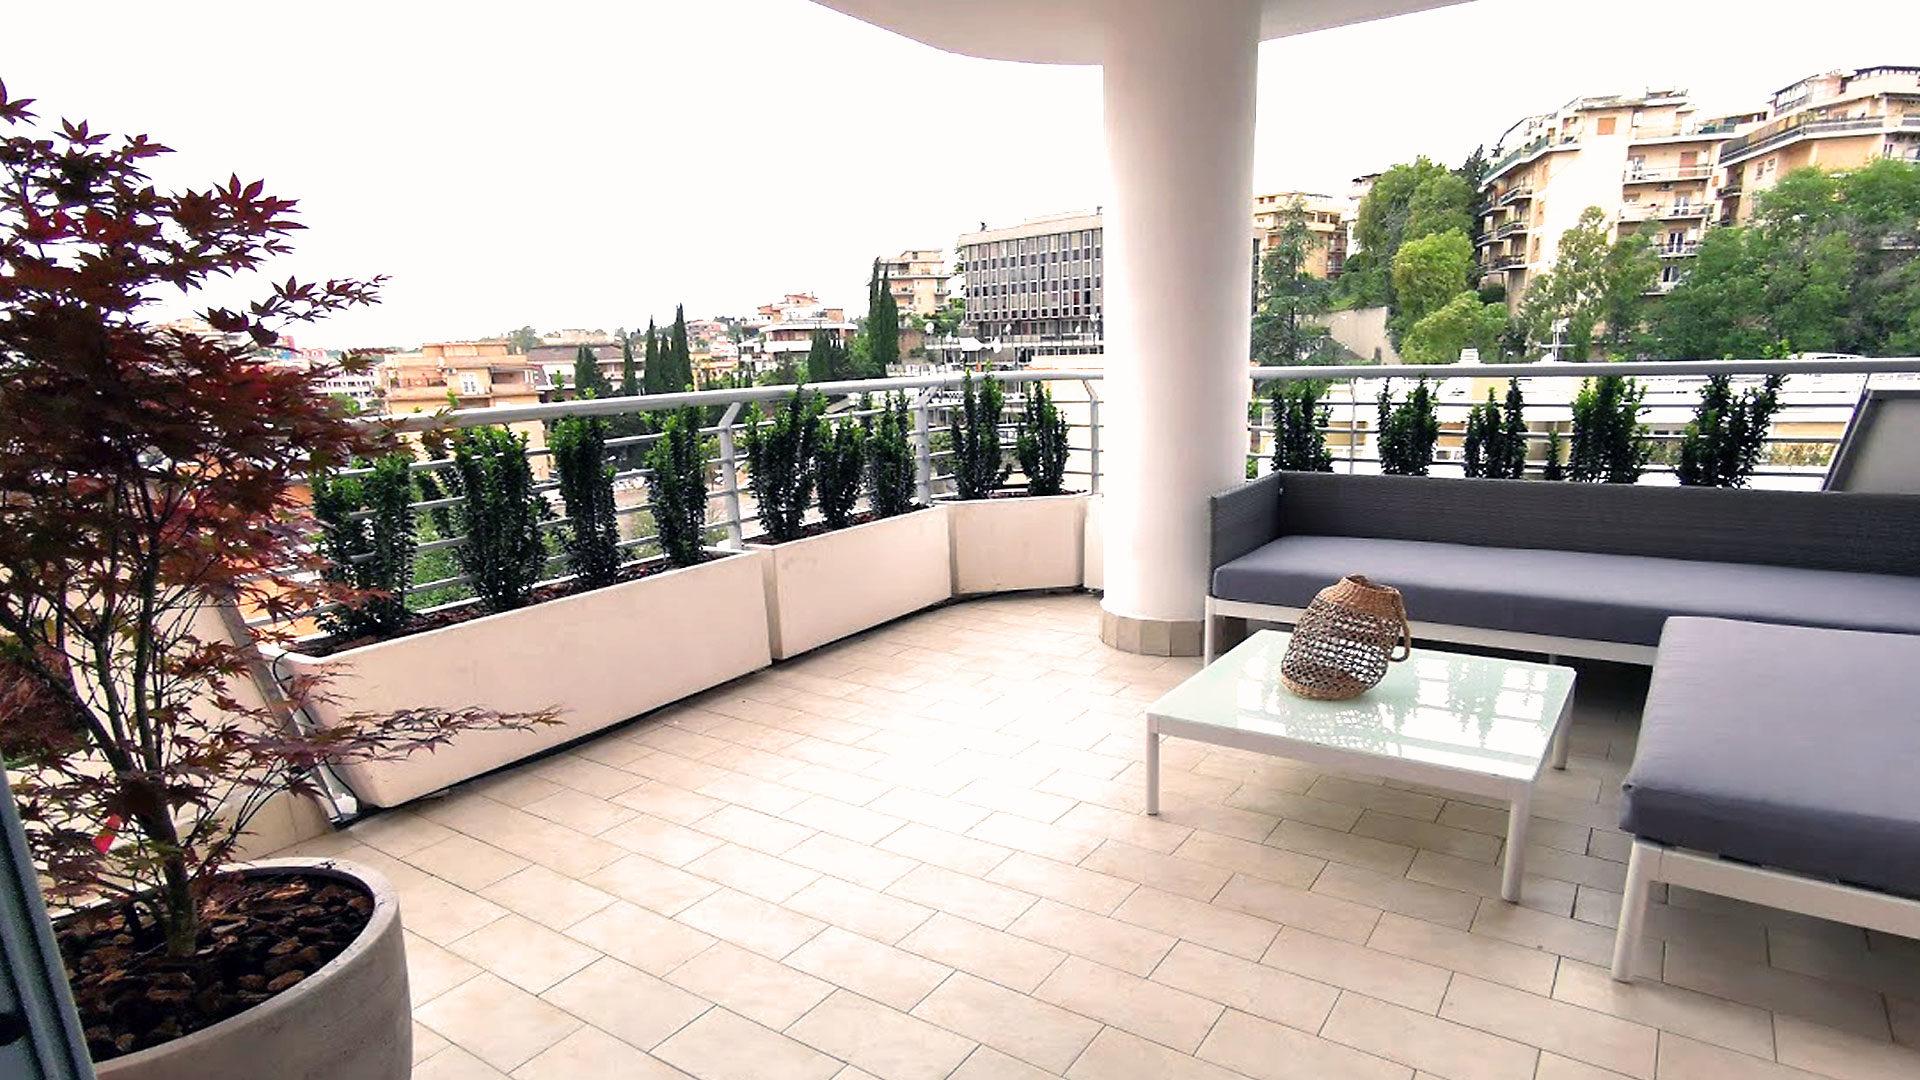 Terrazzo di design arredato con piante, divano e tavolino. Daniele Proietti e Salvatore Gagliano. Siamo presenti a Roma e Milano. Ornus.